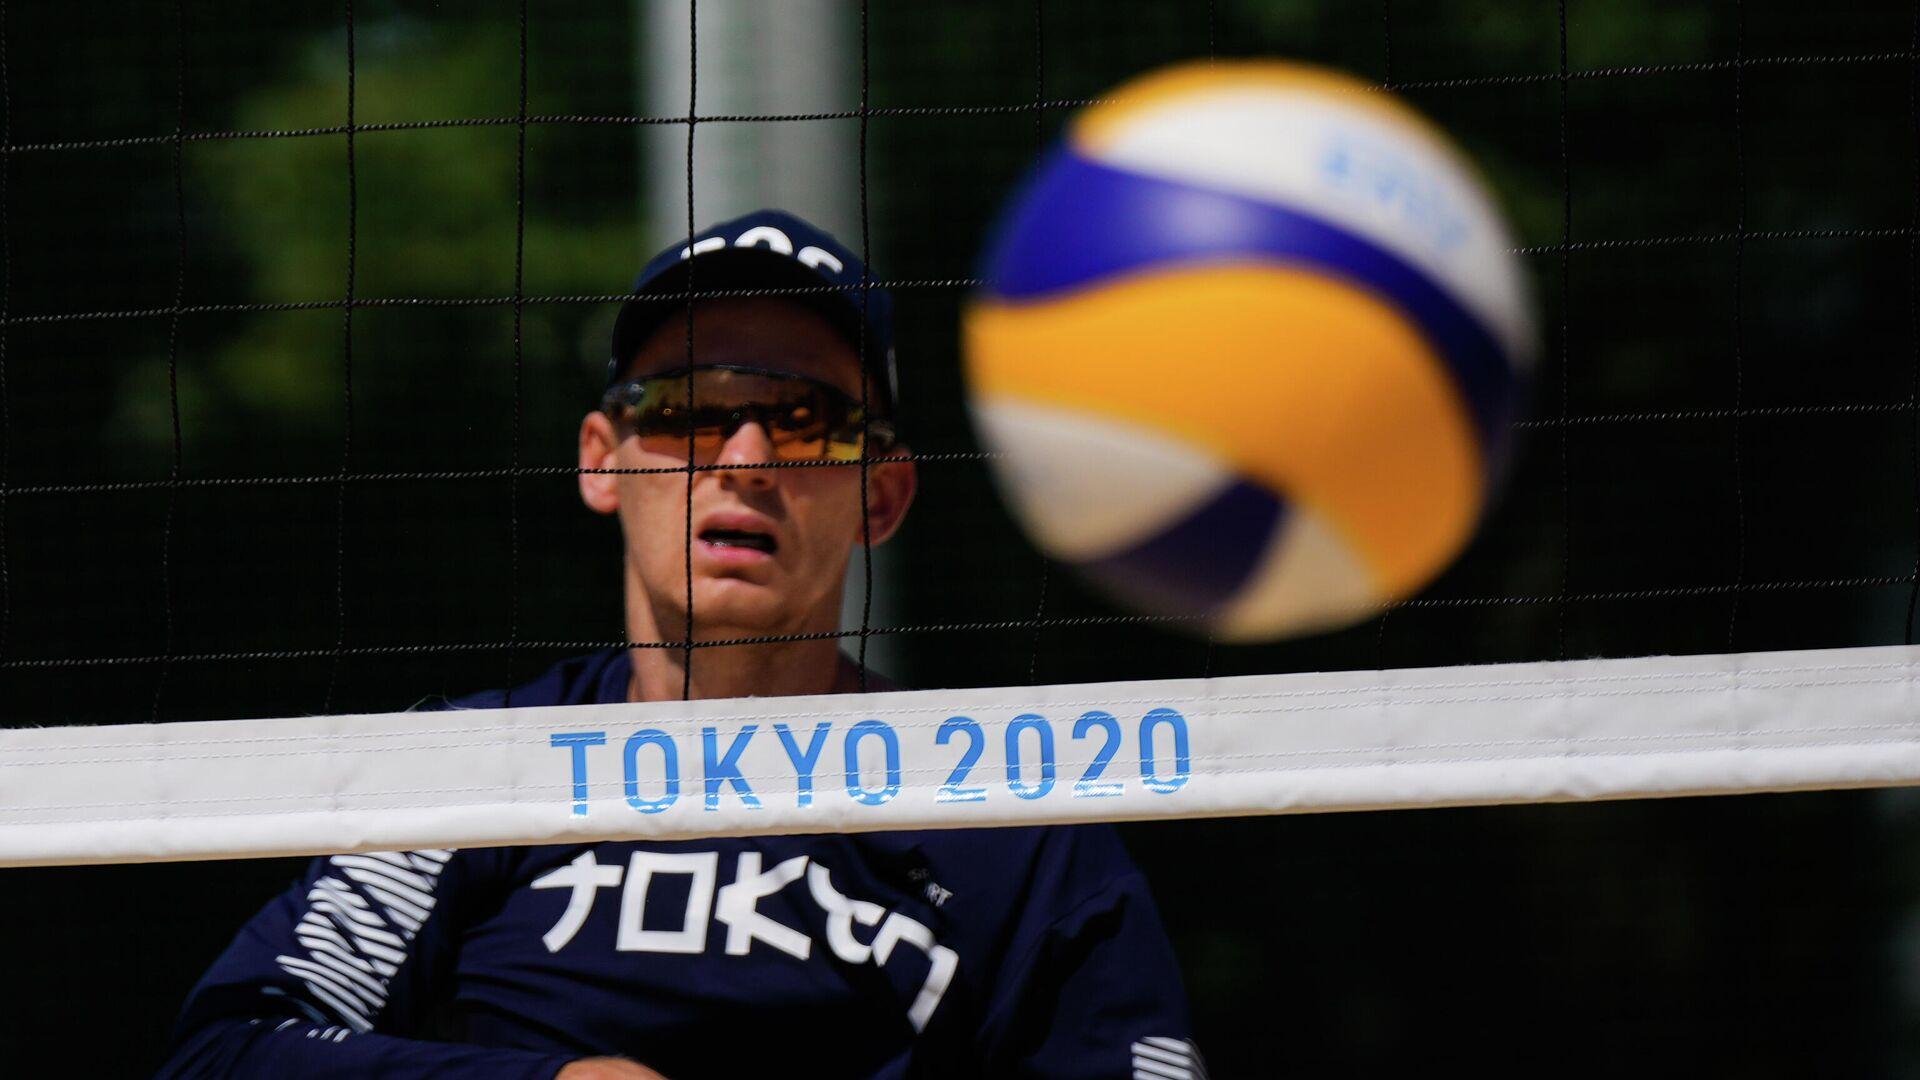 Олимпиада-2020. Пляжный волейбол. Тренировка сборной России - РИА Новости, 1920, 31.07.2021